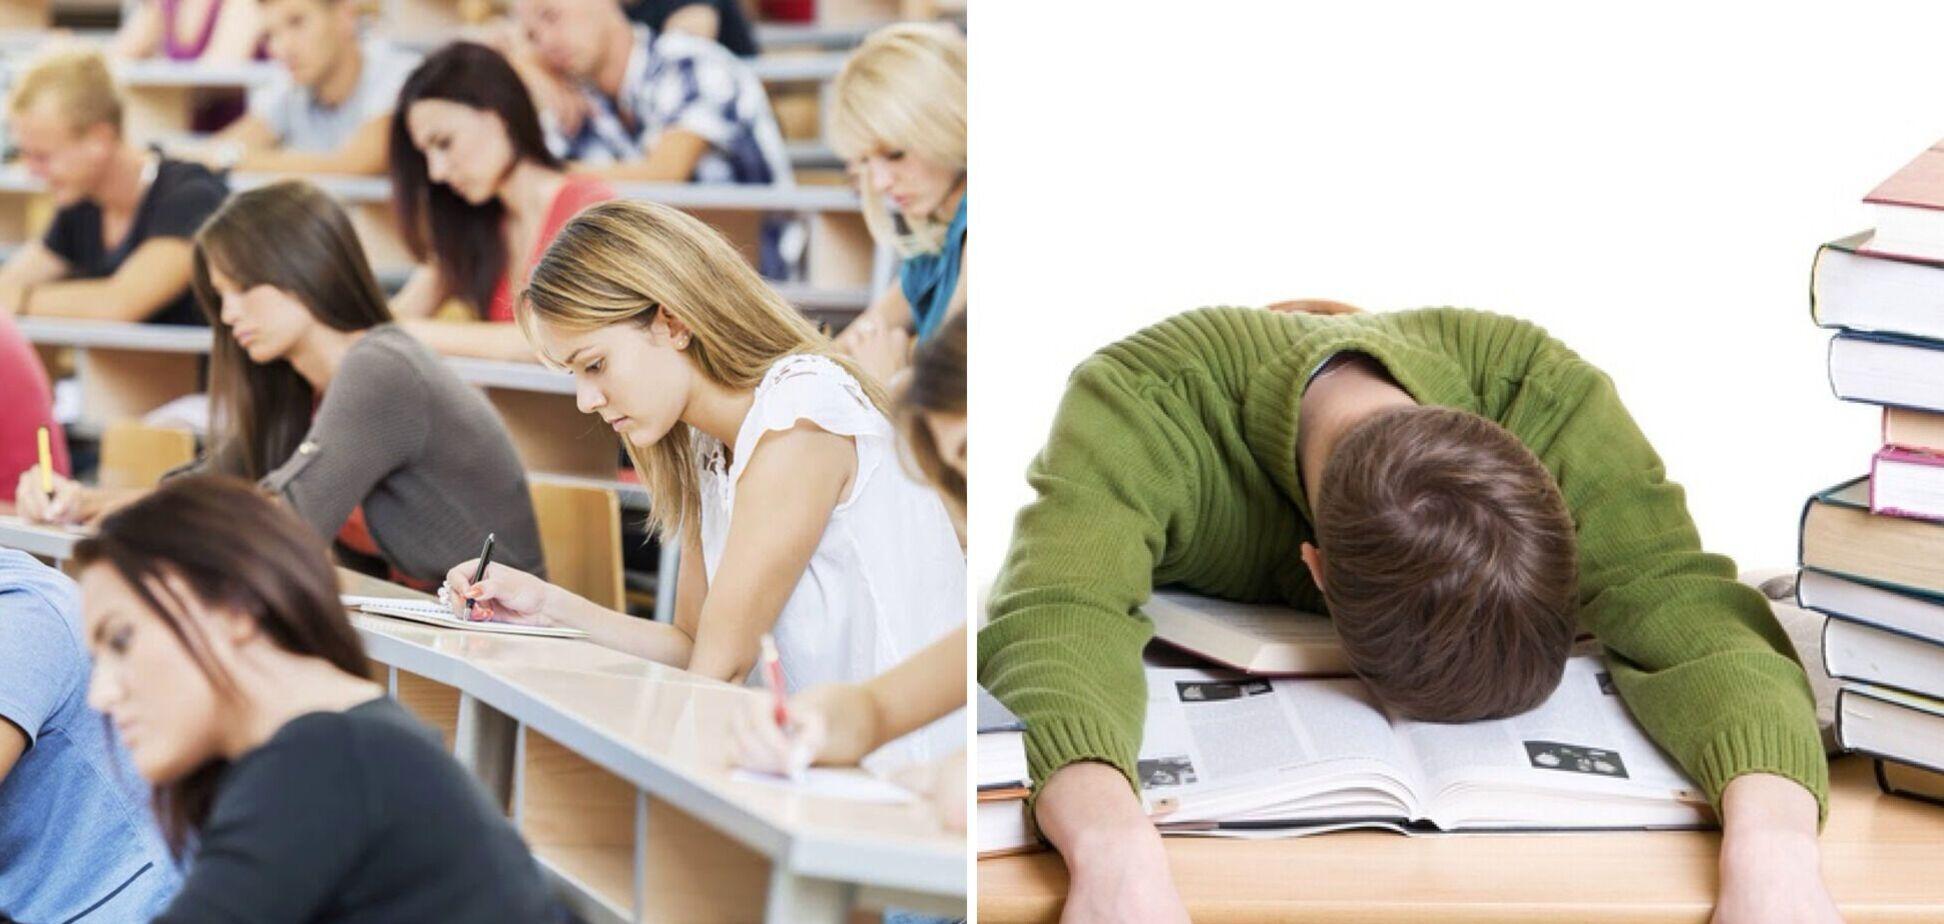 Академический отпуск студента – потерянное время или возможность образовательного оздоровления?